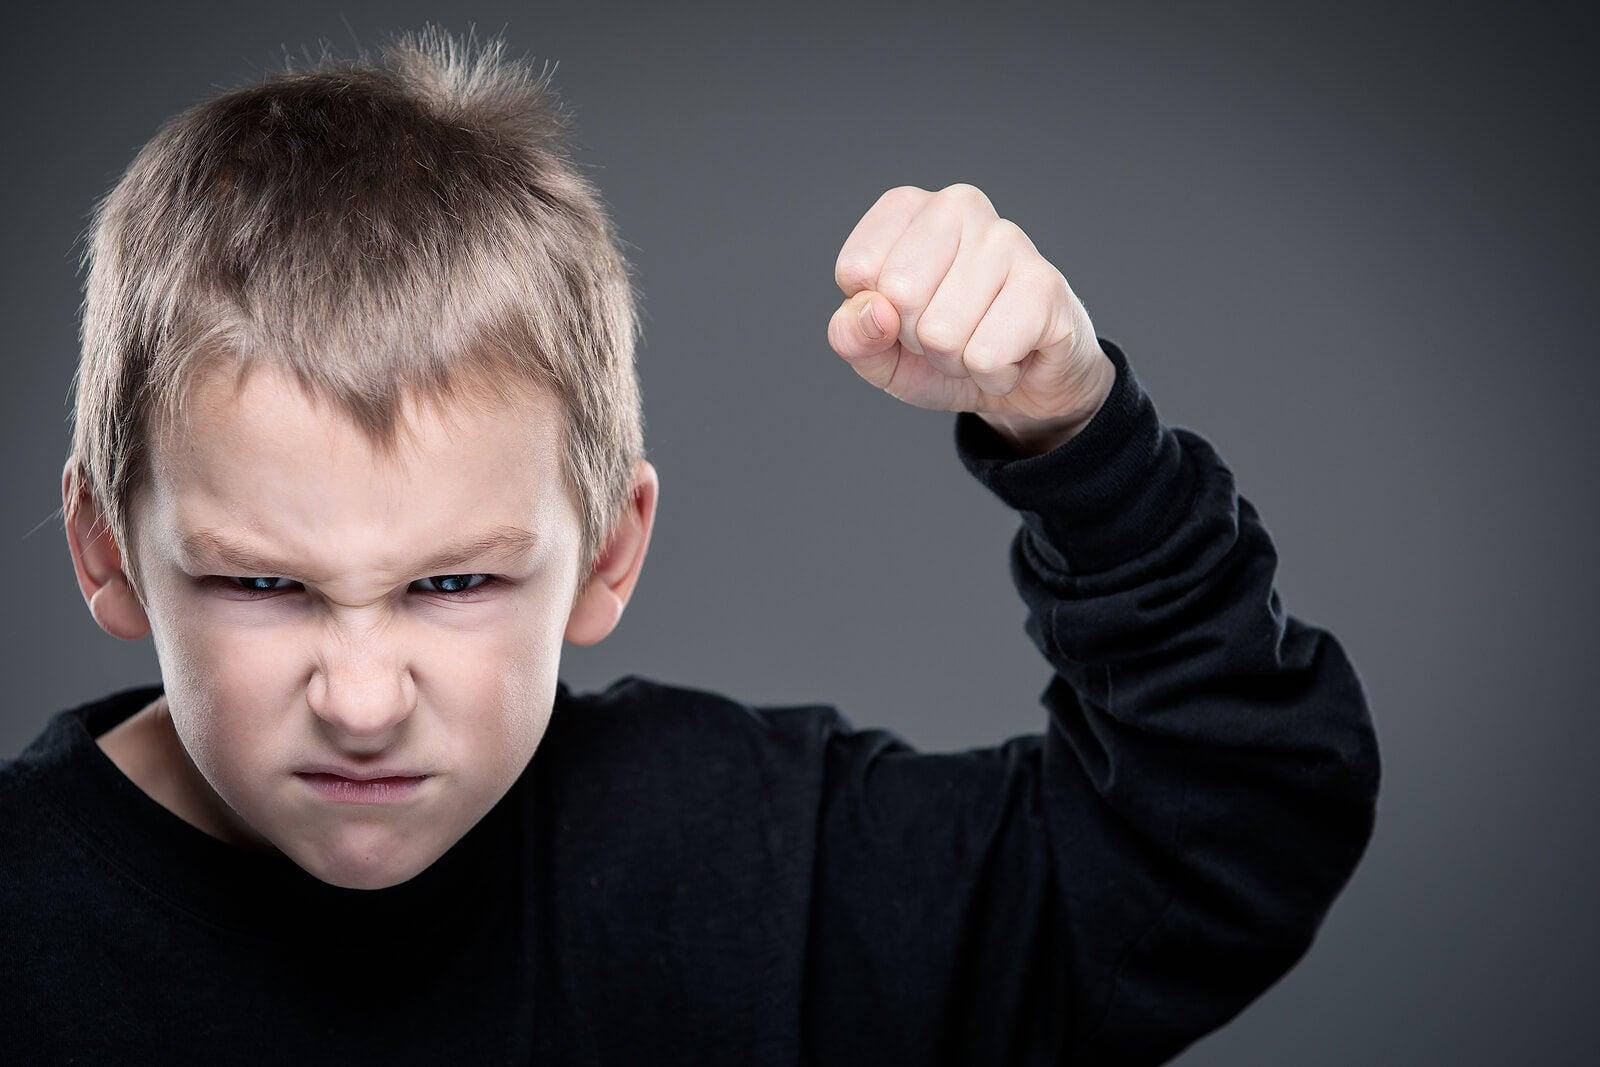 Niño con el puño levantado dispuesto a pegar debido al modelado negativo de casa.